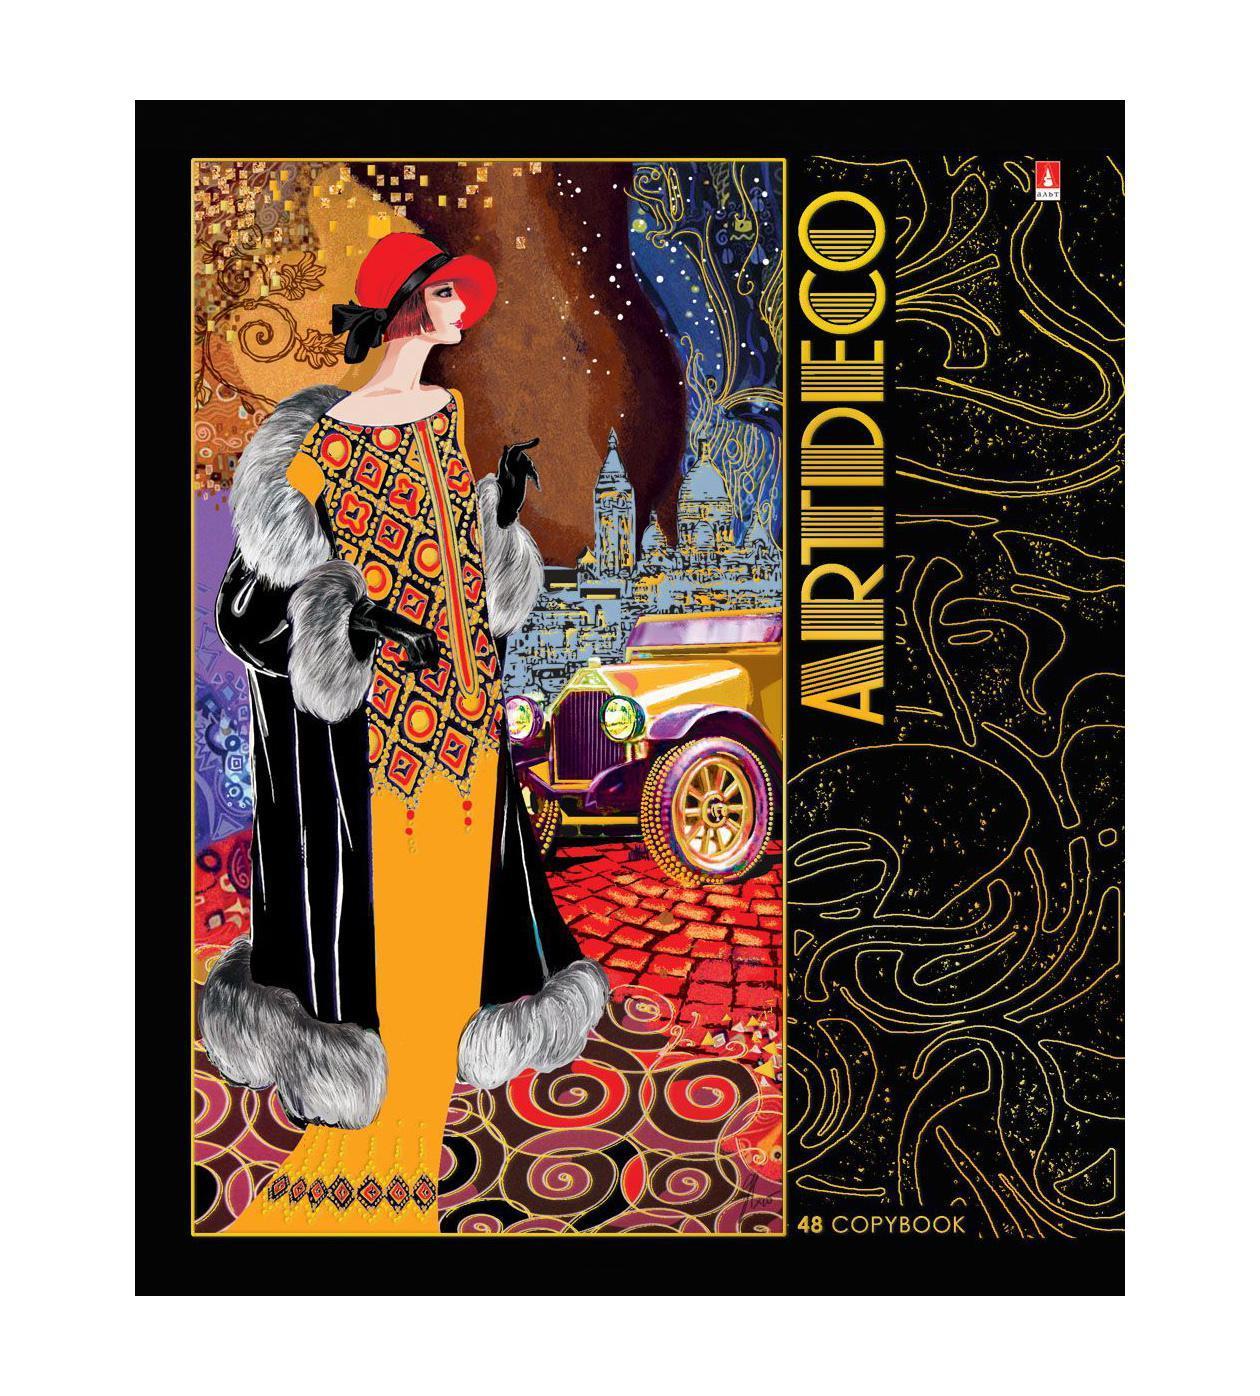 Набор тетрадей Альт Art Deco, 24 листа, 5 штSW121V3Набор тетрадей Альт Art Deco представлен в дизайнерском исполнении. Плотная двойная обложка из картона печатается на фольгированной поверхности, что создает эффект живости и объемности рисунка. Декорирование отдельных деталей производится с помощью гибридного лака и фольги. На внутреннем развороте – поле для информации о владельце. Внутри на скрепках находятся 48 листов из белой мелованной гладкой бумаги плотностью до 65 грамм. Тетради в гламурном оформлении - всегда востребованная продукция у девушек. Стильно оформленная серия Art Deco воспевает популярное до Второй Мировой войны течение в искусстве и живописи. В нарядах дам с обложек знатоки модных тенденций без труда найдут все черты течения Art Deco: обилие орнаментов и буйство красок, этнические узоры и строгие геометрические формы.